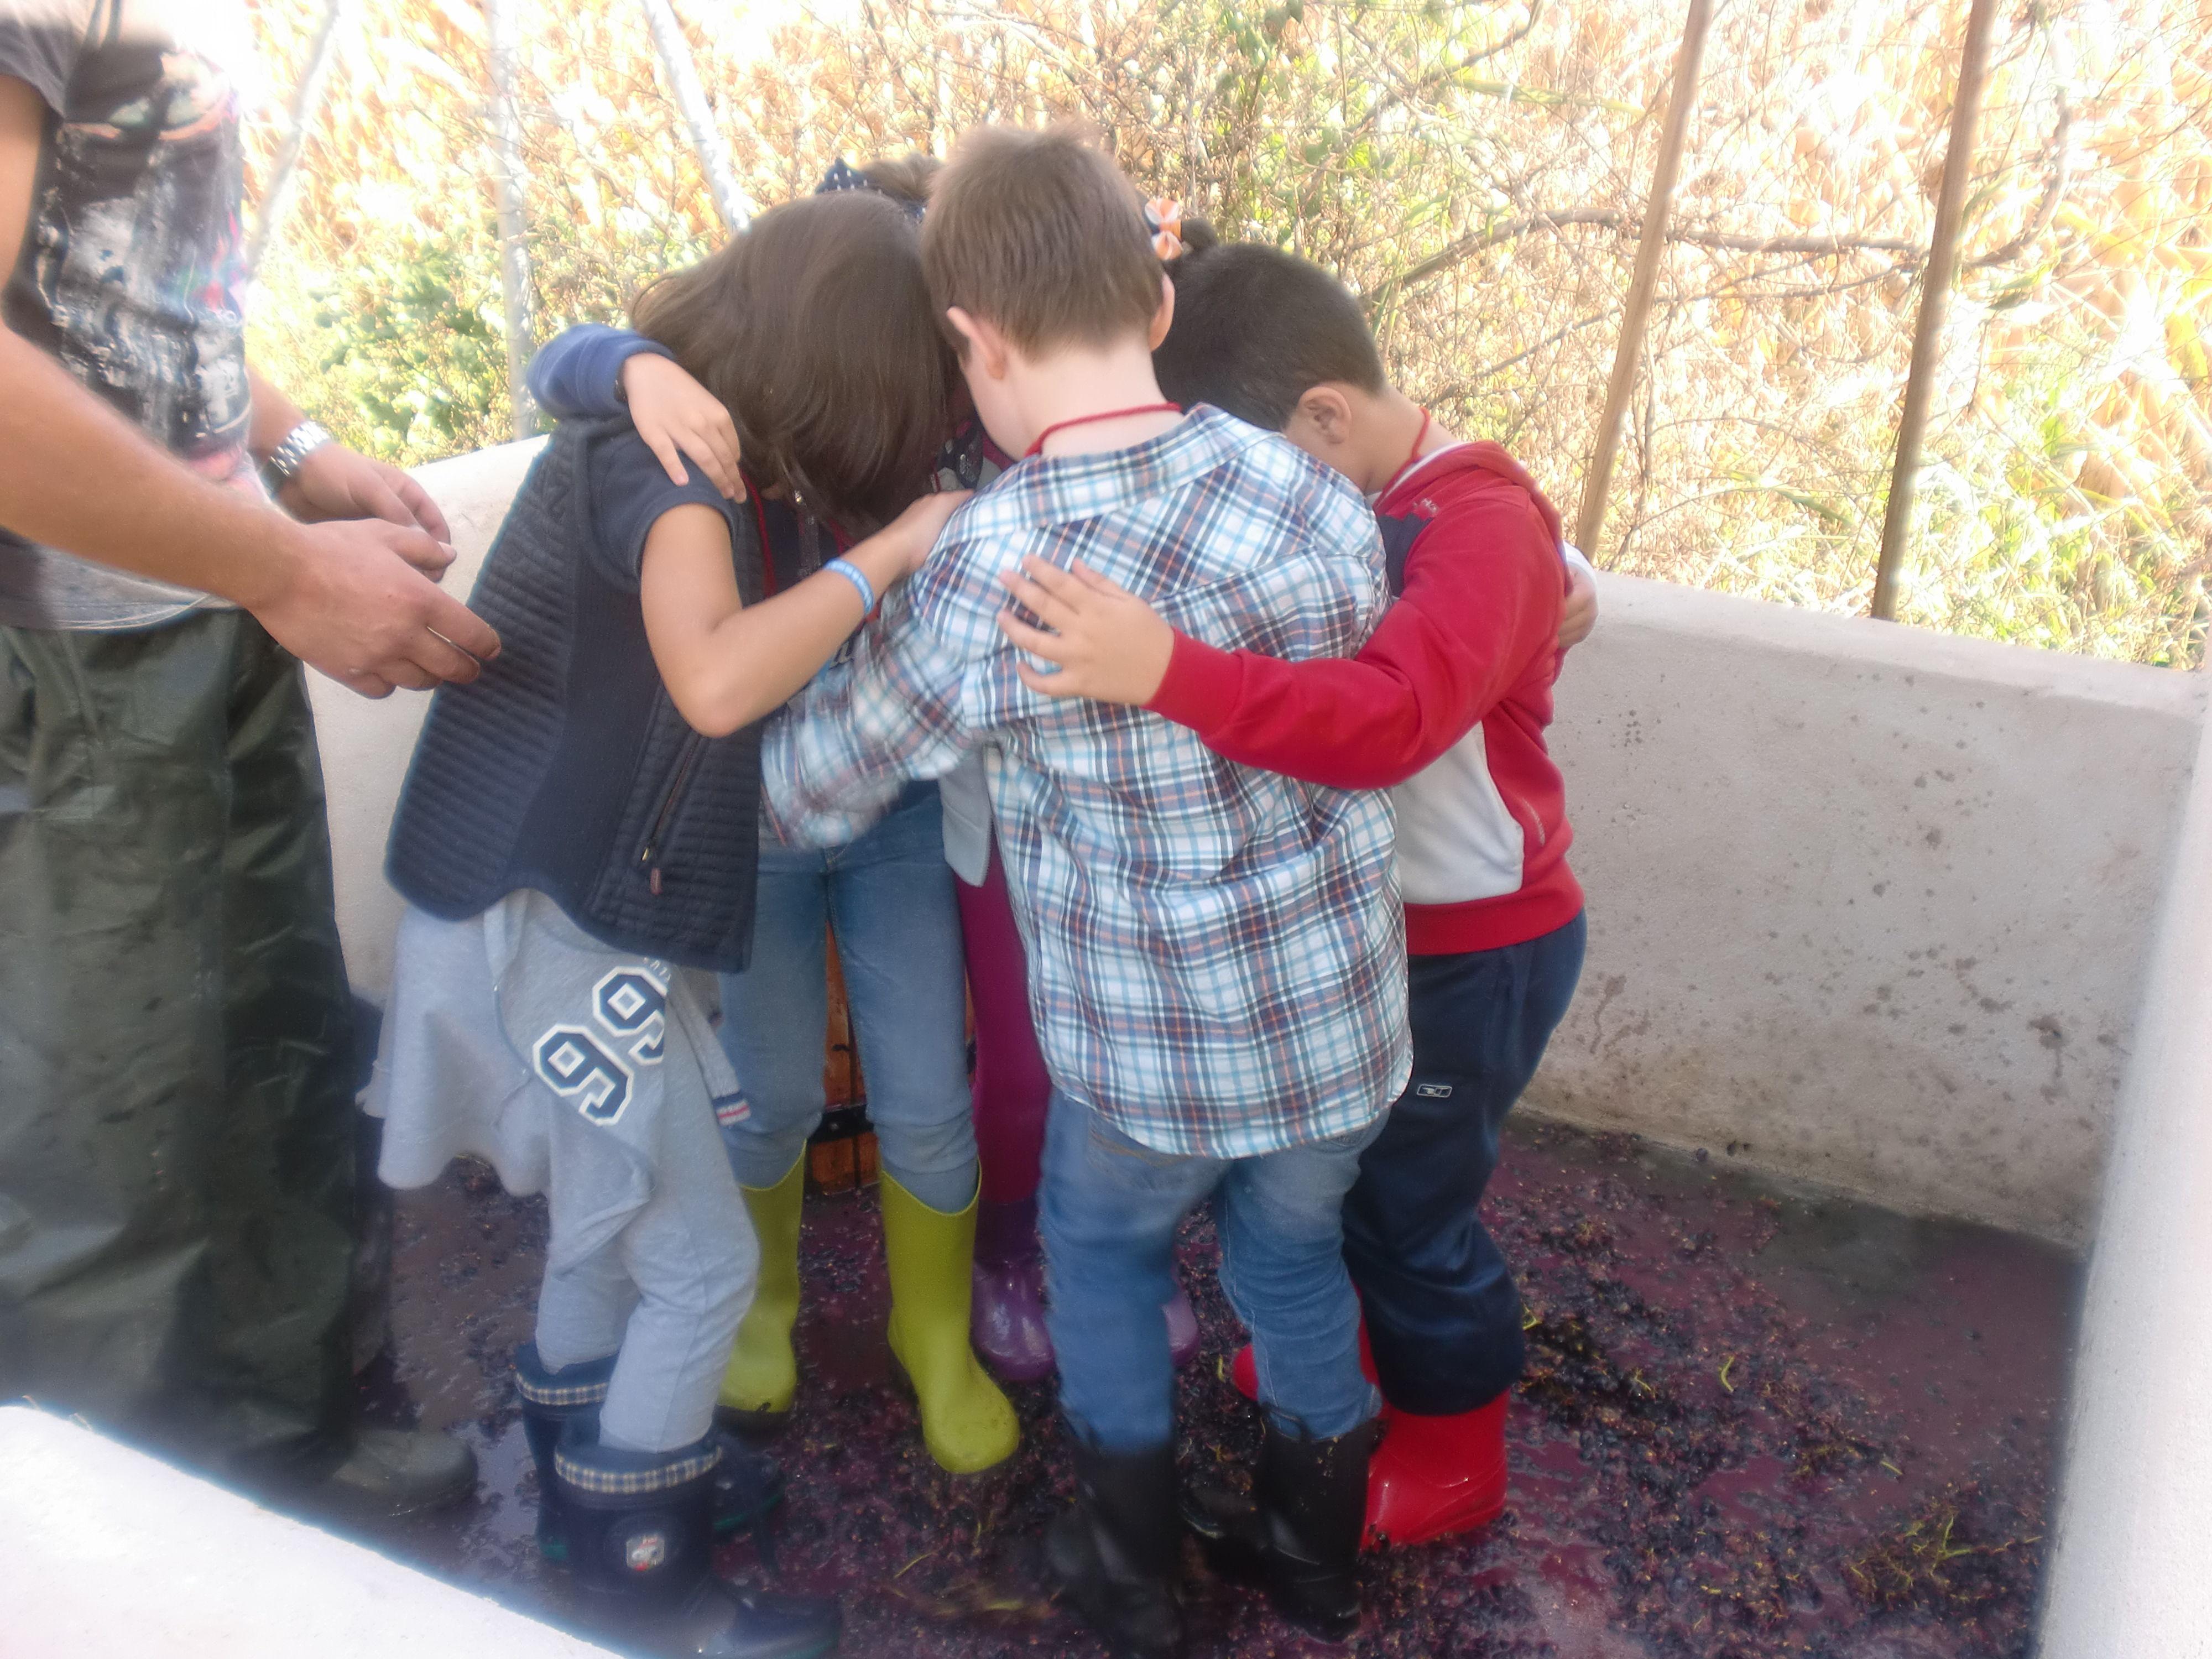 Foto 32 de Granja Escuela en Villaralbo | El Trillo Granja Escuela / Deluxe Jardinería